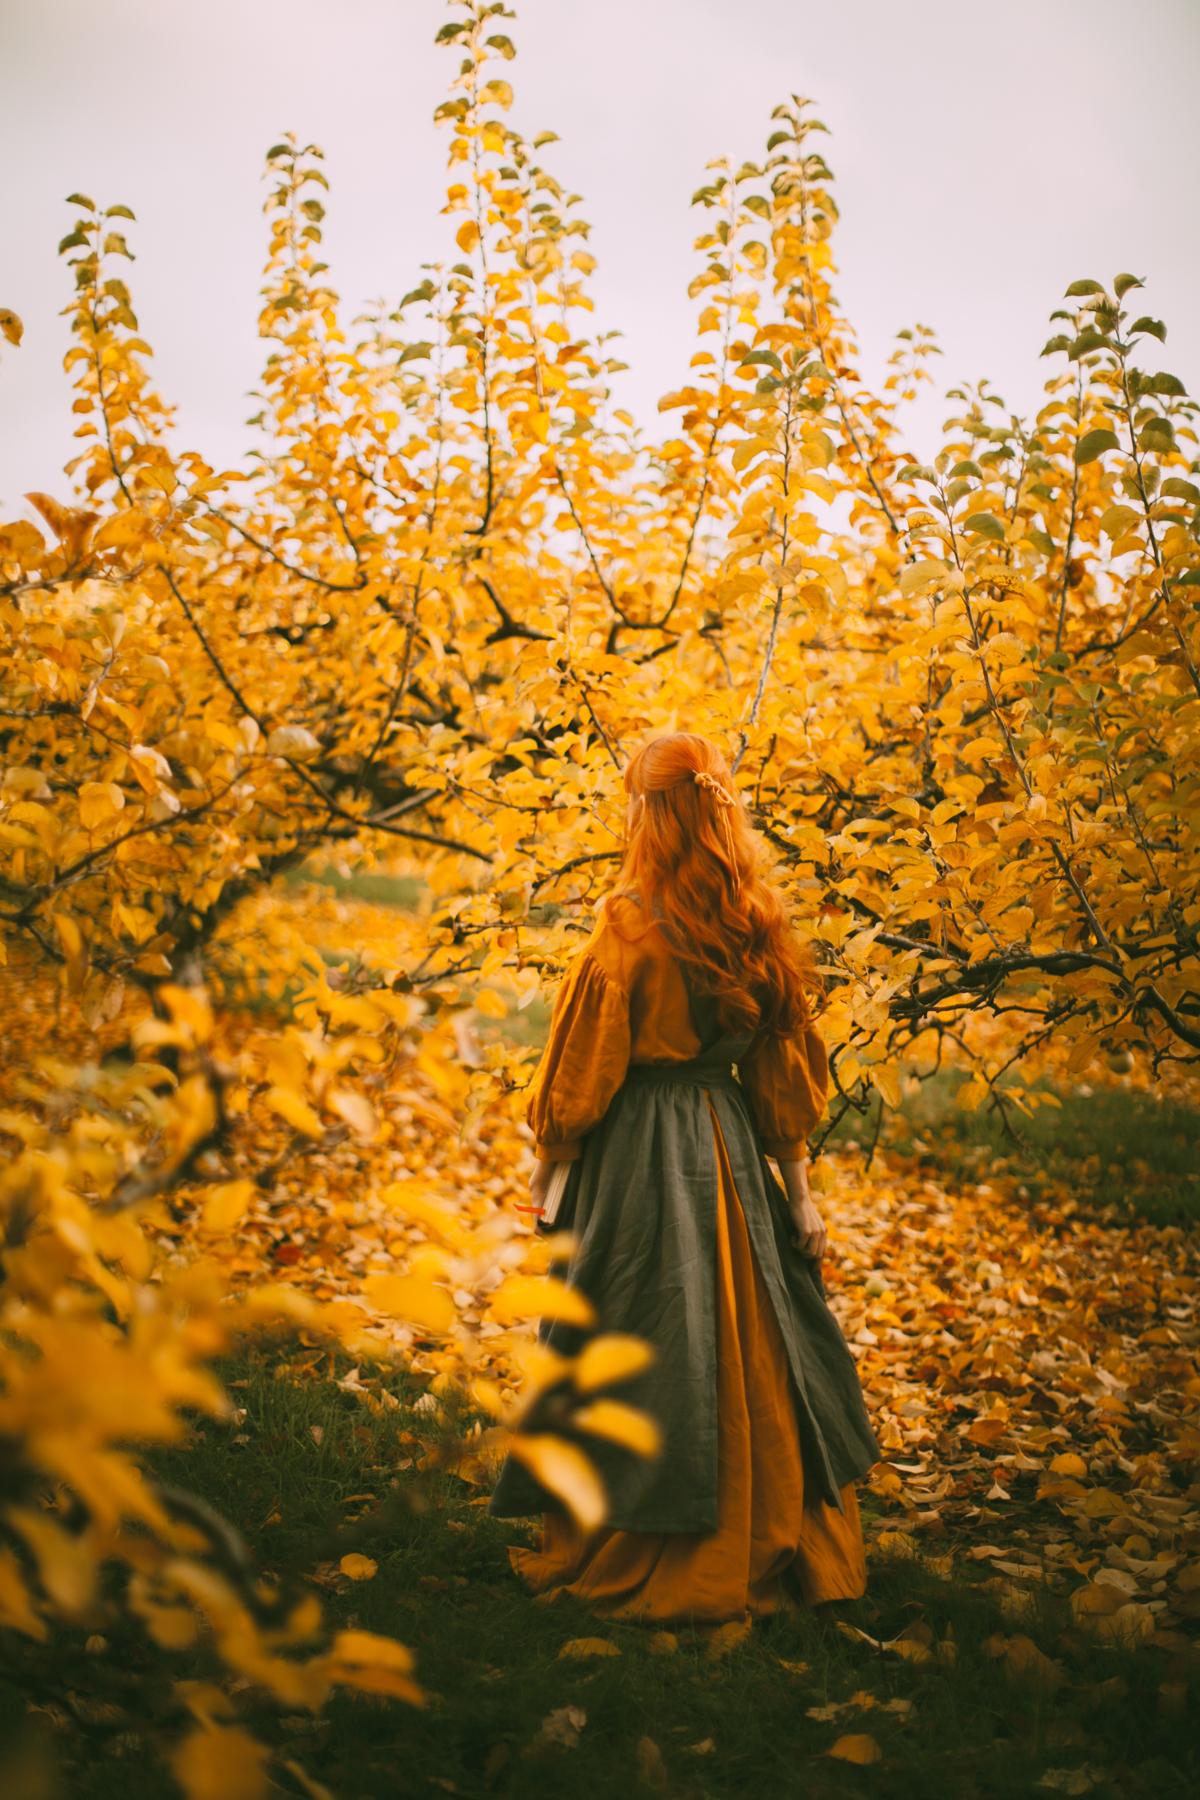 yelloworchard